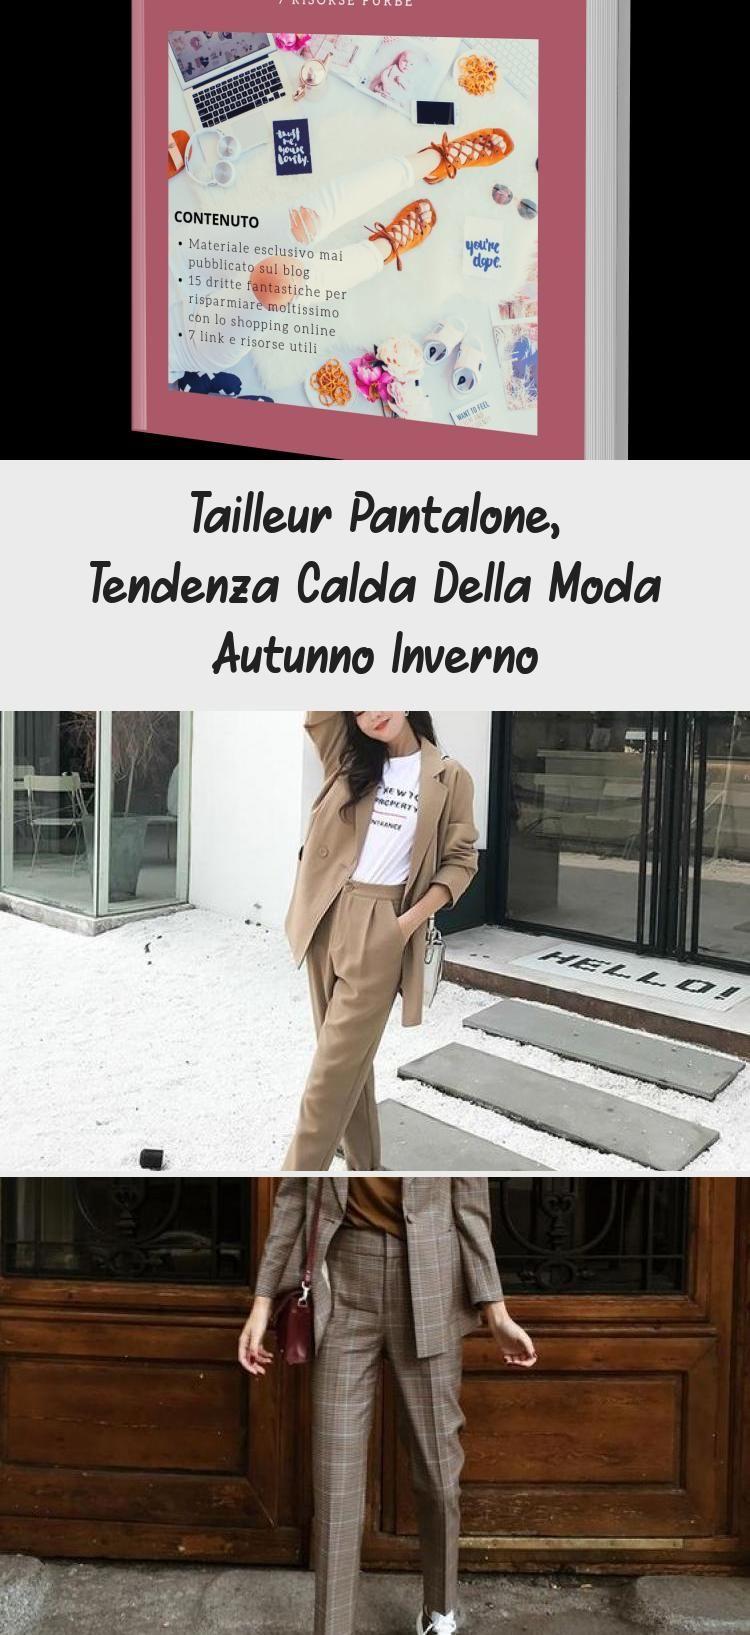 Tailleur Pantalone, Tendenza Calda Della Moda Autunno Inverno – Fashion